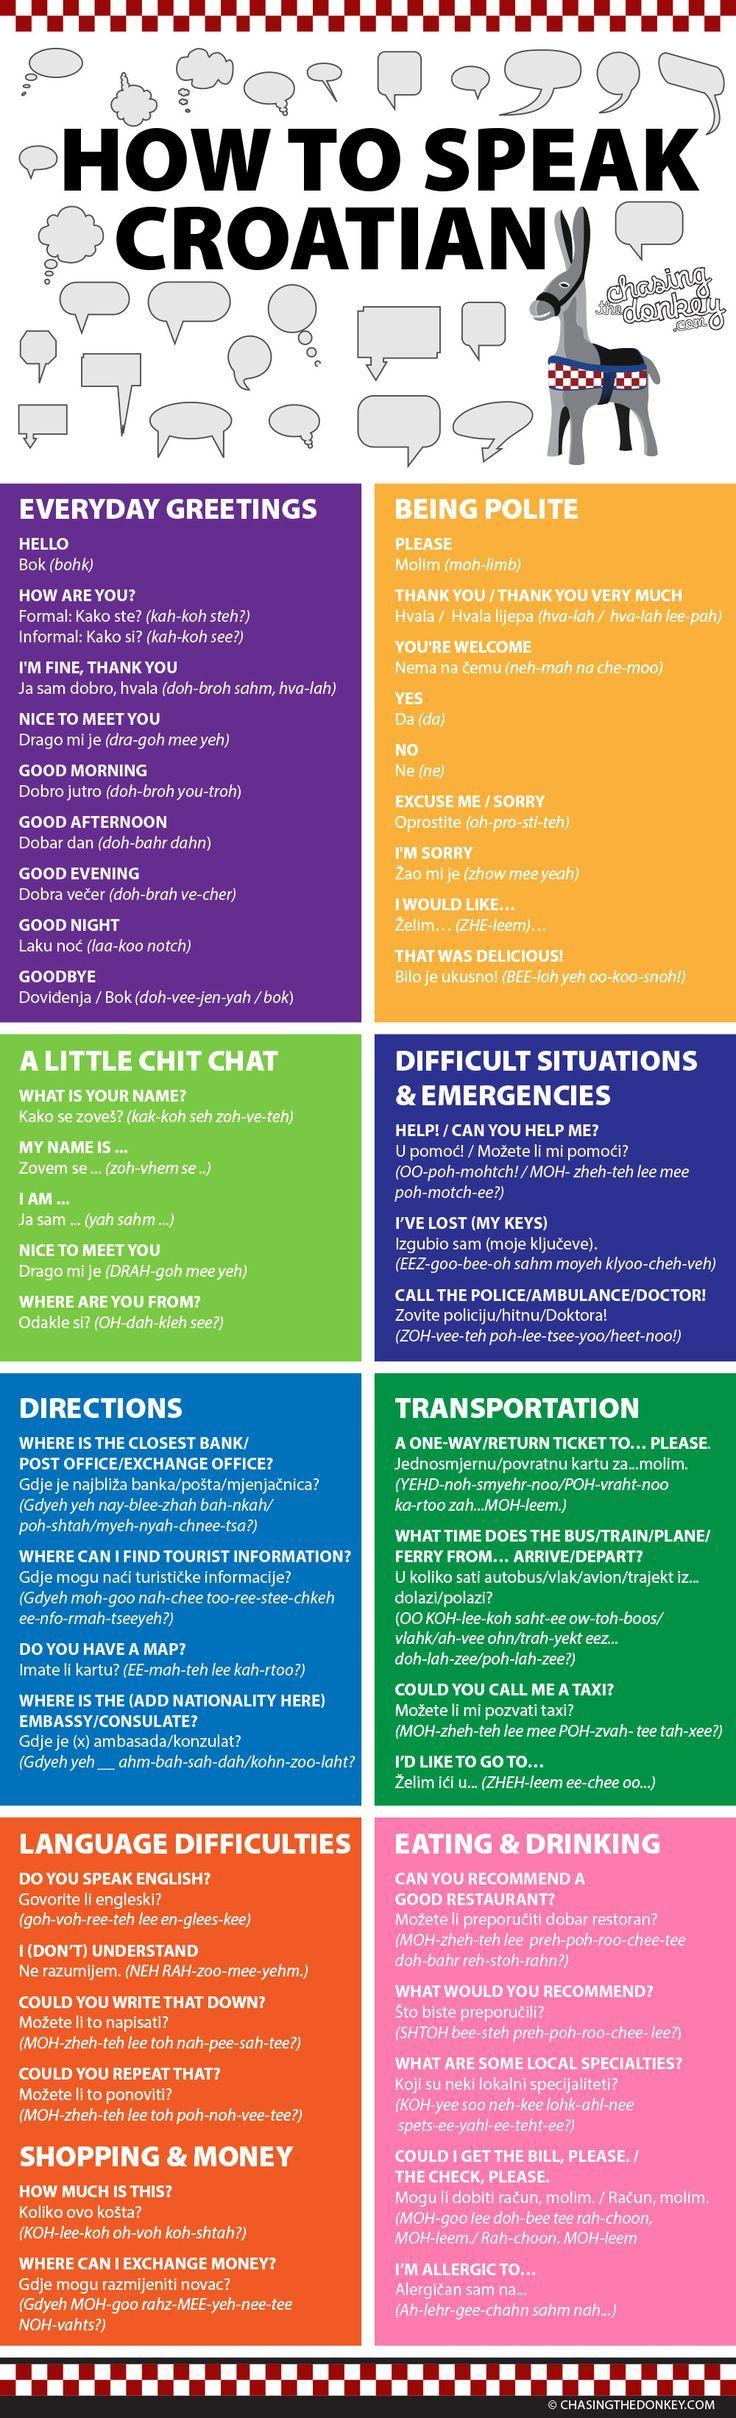 Basic Instructions